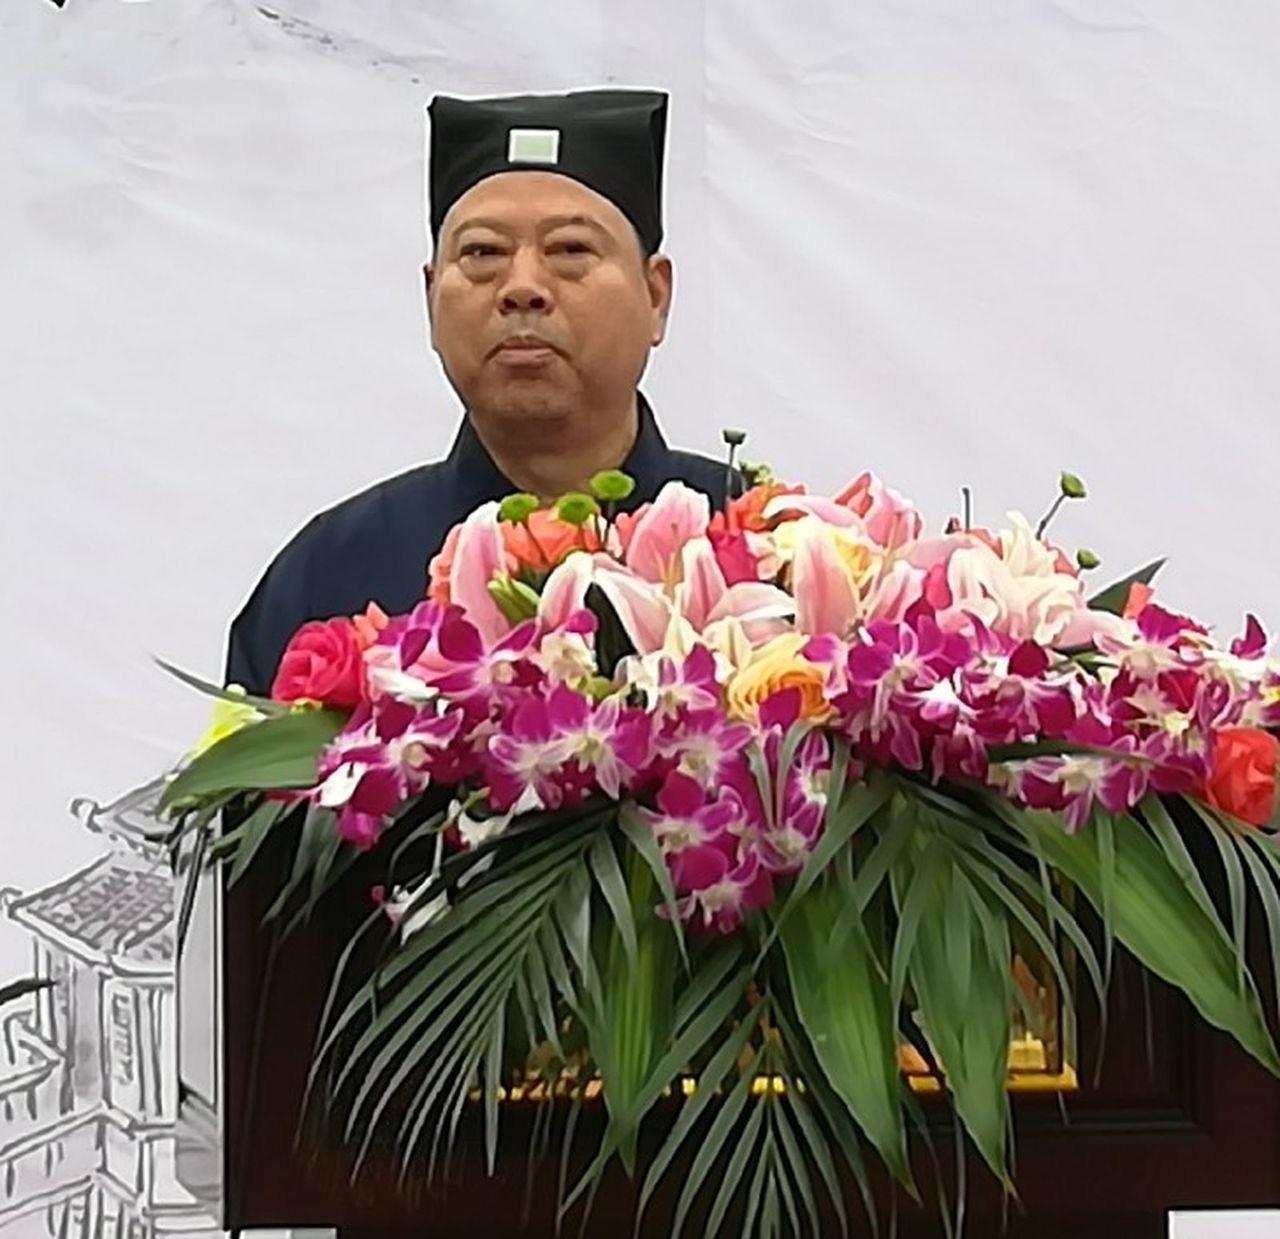 陸萬禎擁有數輛豪車,被傳是海南道教協會副會長陸文榮之子。 圖截自微博